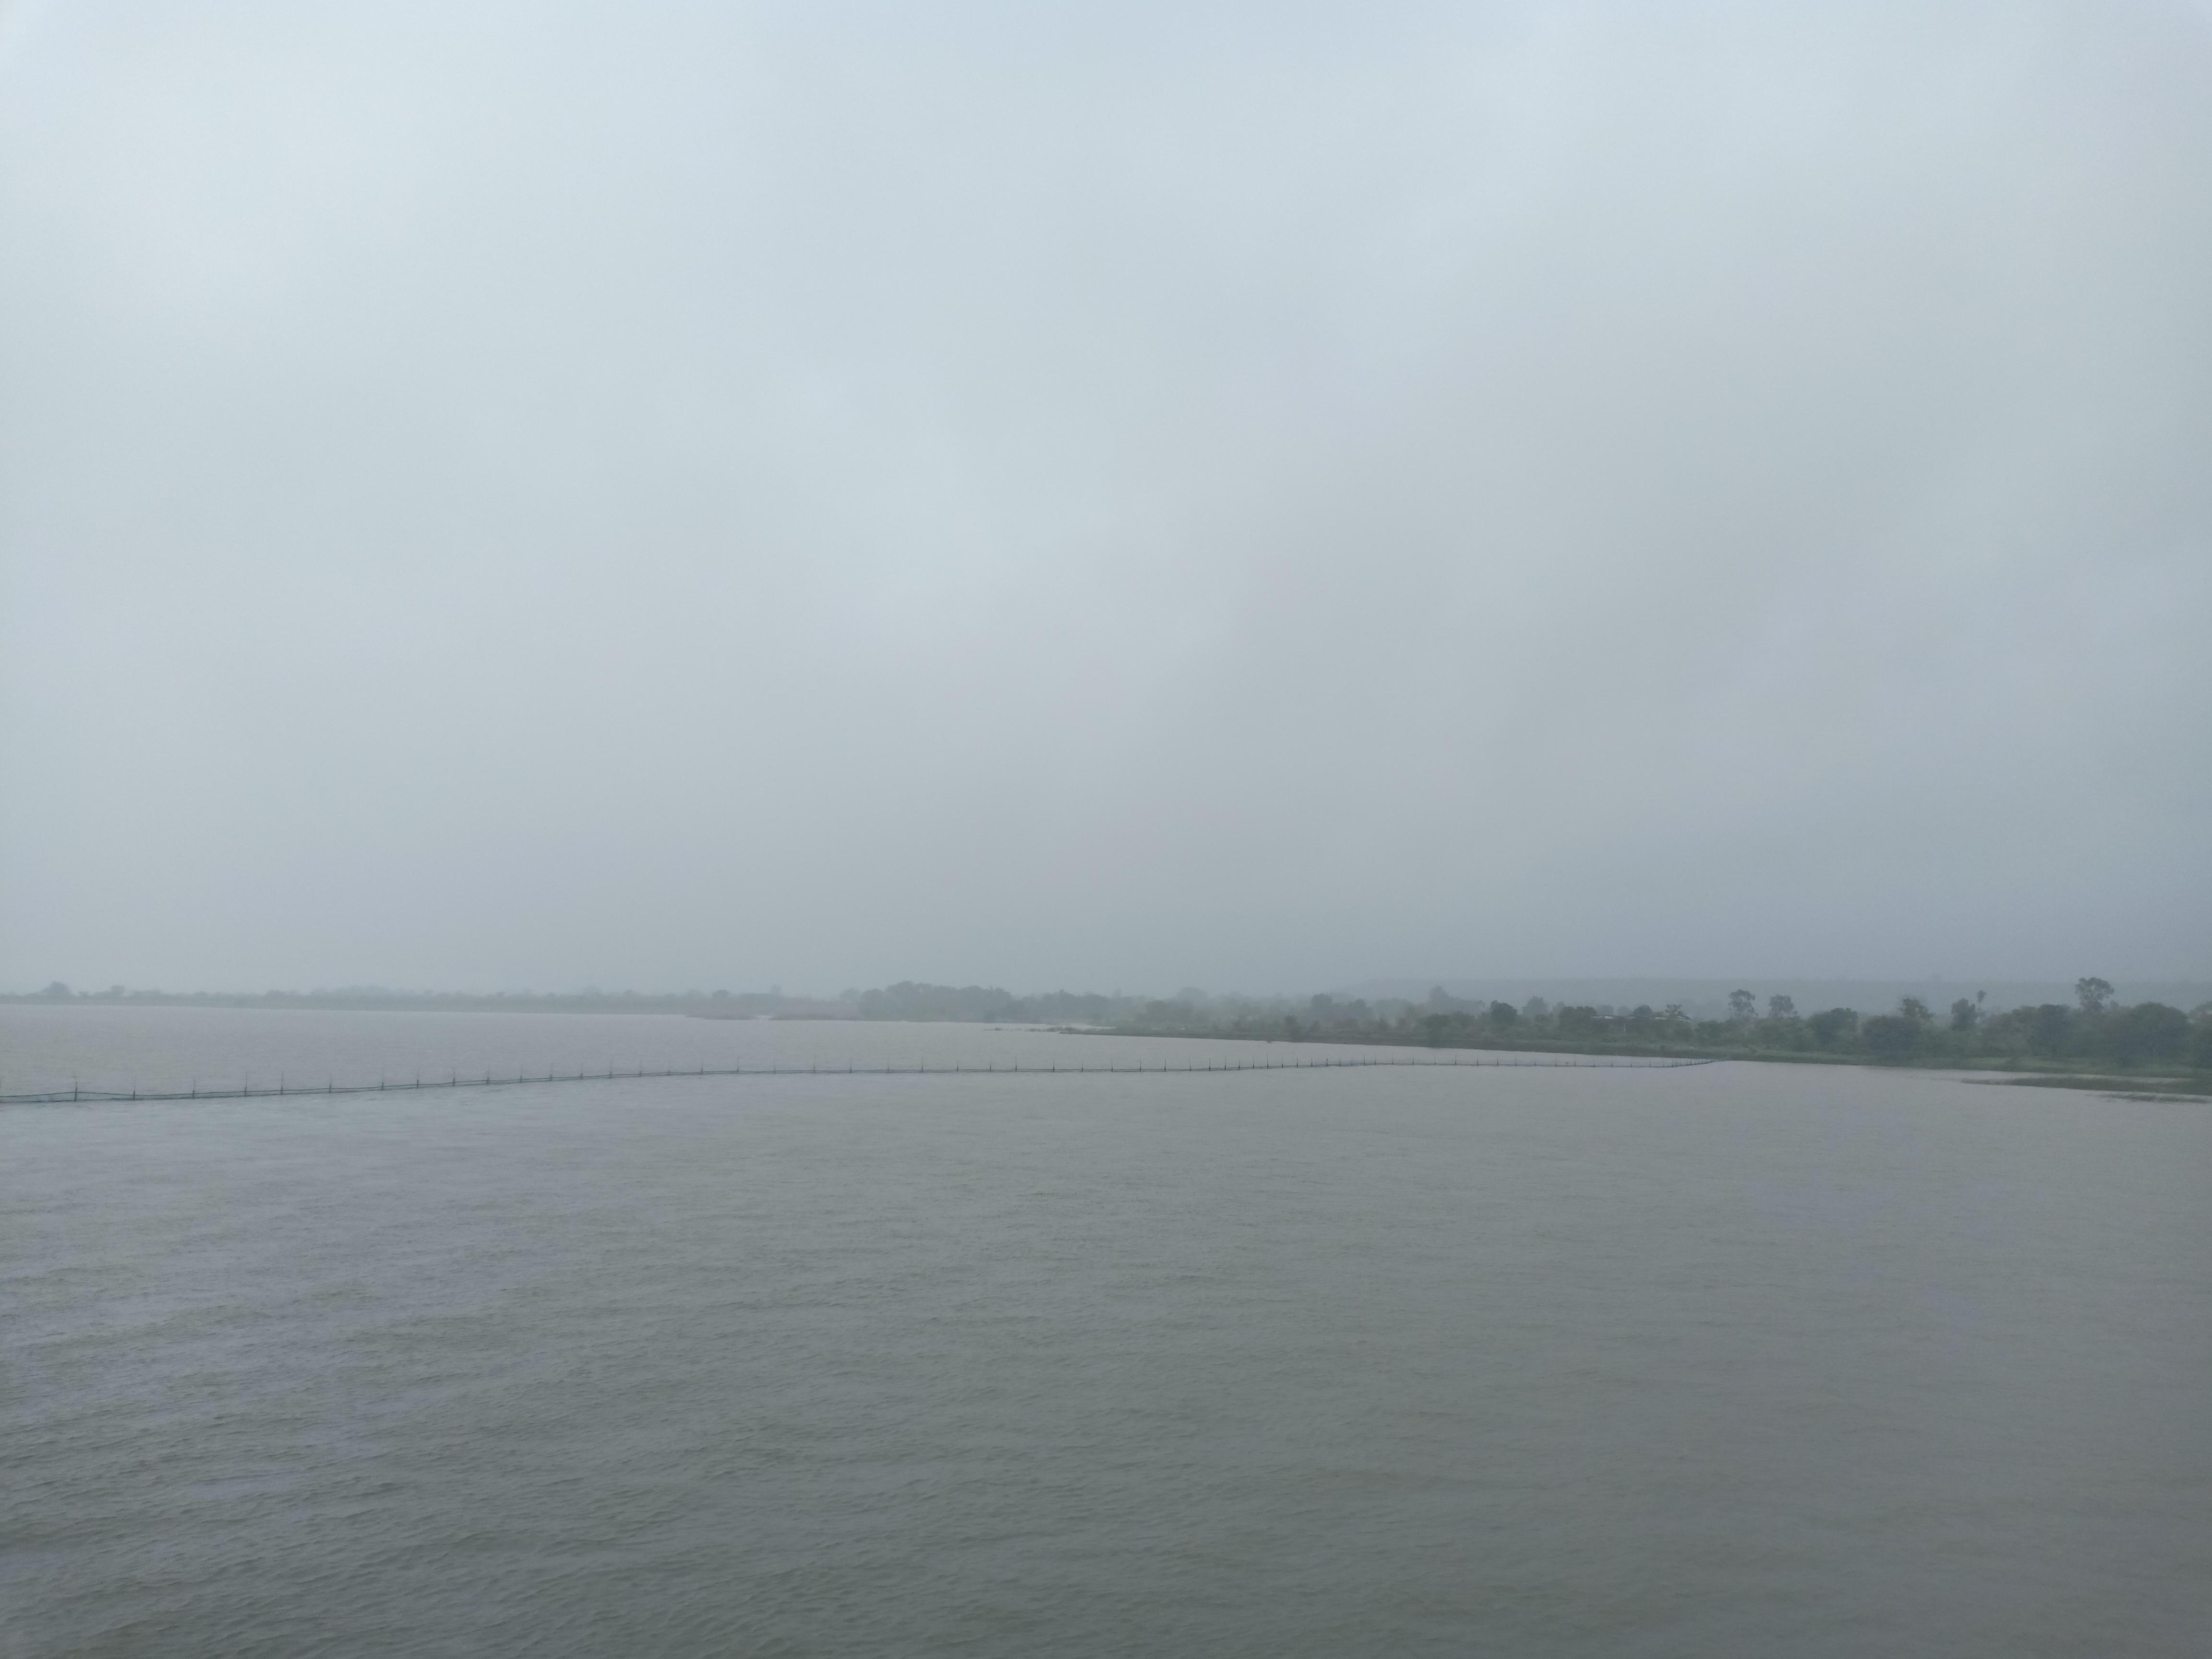 राजघाट बांध में जहां तक नजर वहां तक दिख रहा पानी।